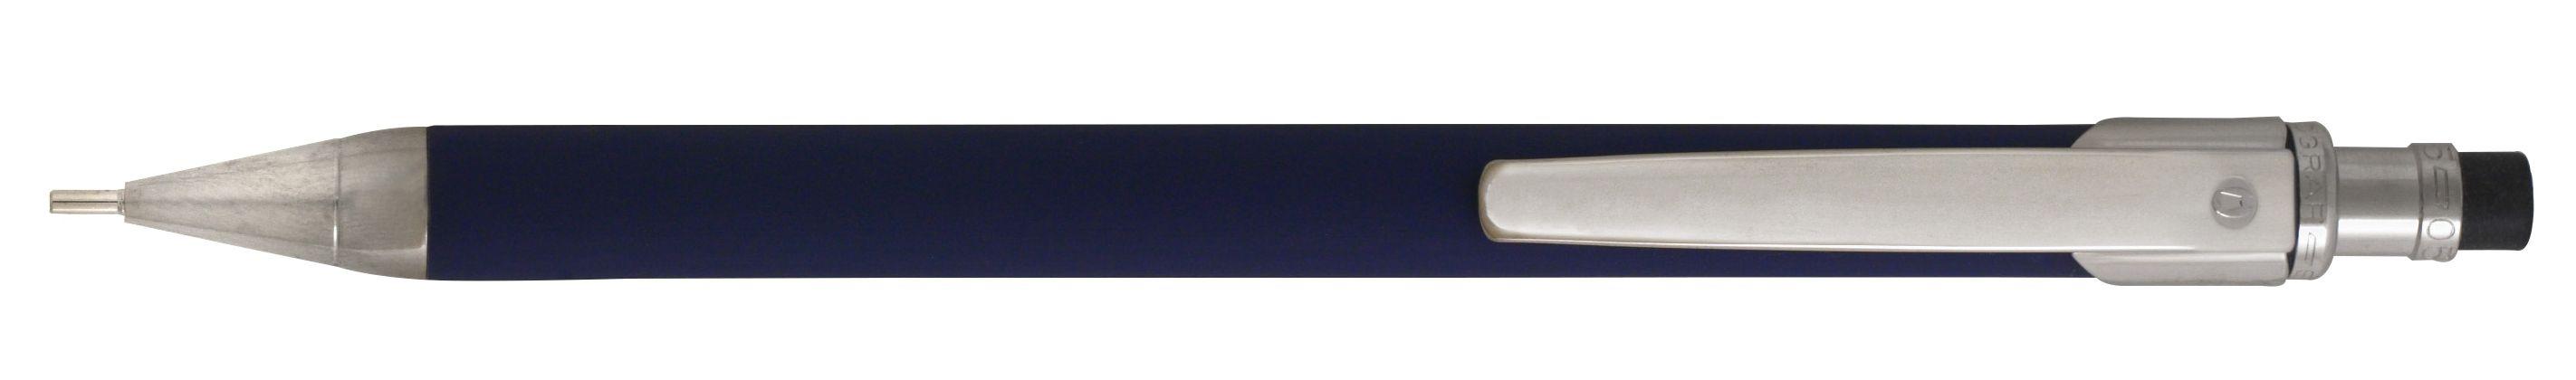 Ballograf Trykkblyant Rondo 0,5mm 755001 (Kan sendes i brev)